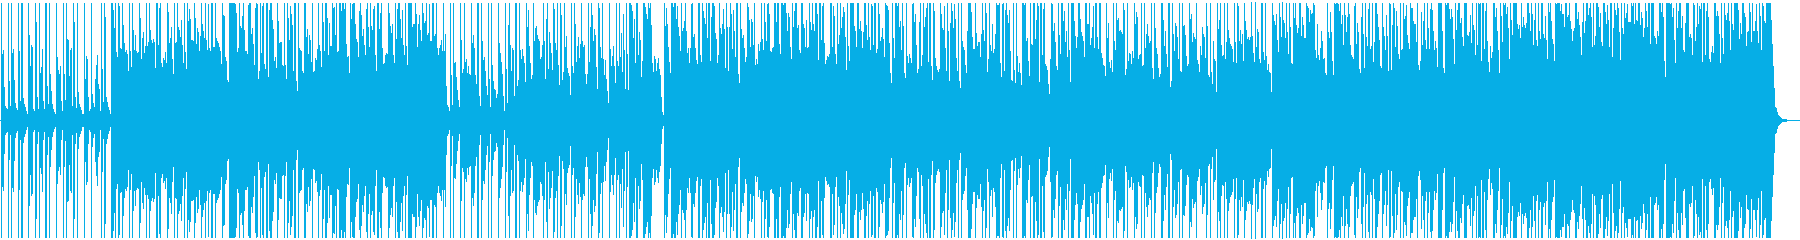 へた可愛いレトロ風女子バンドのデモ演奏風の再生済みの波形